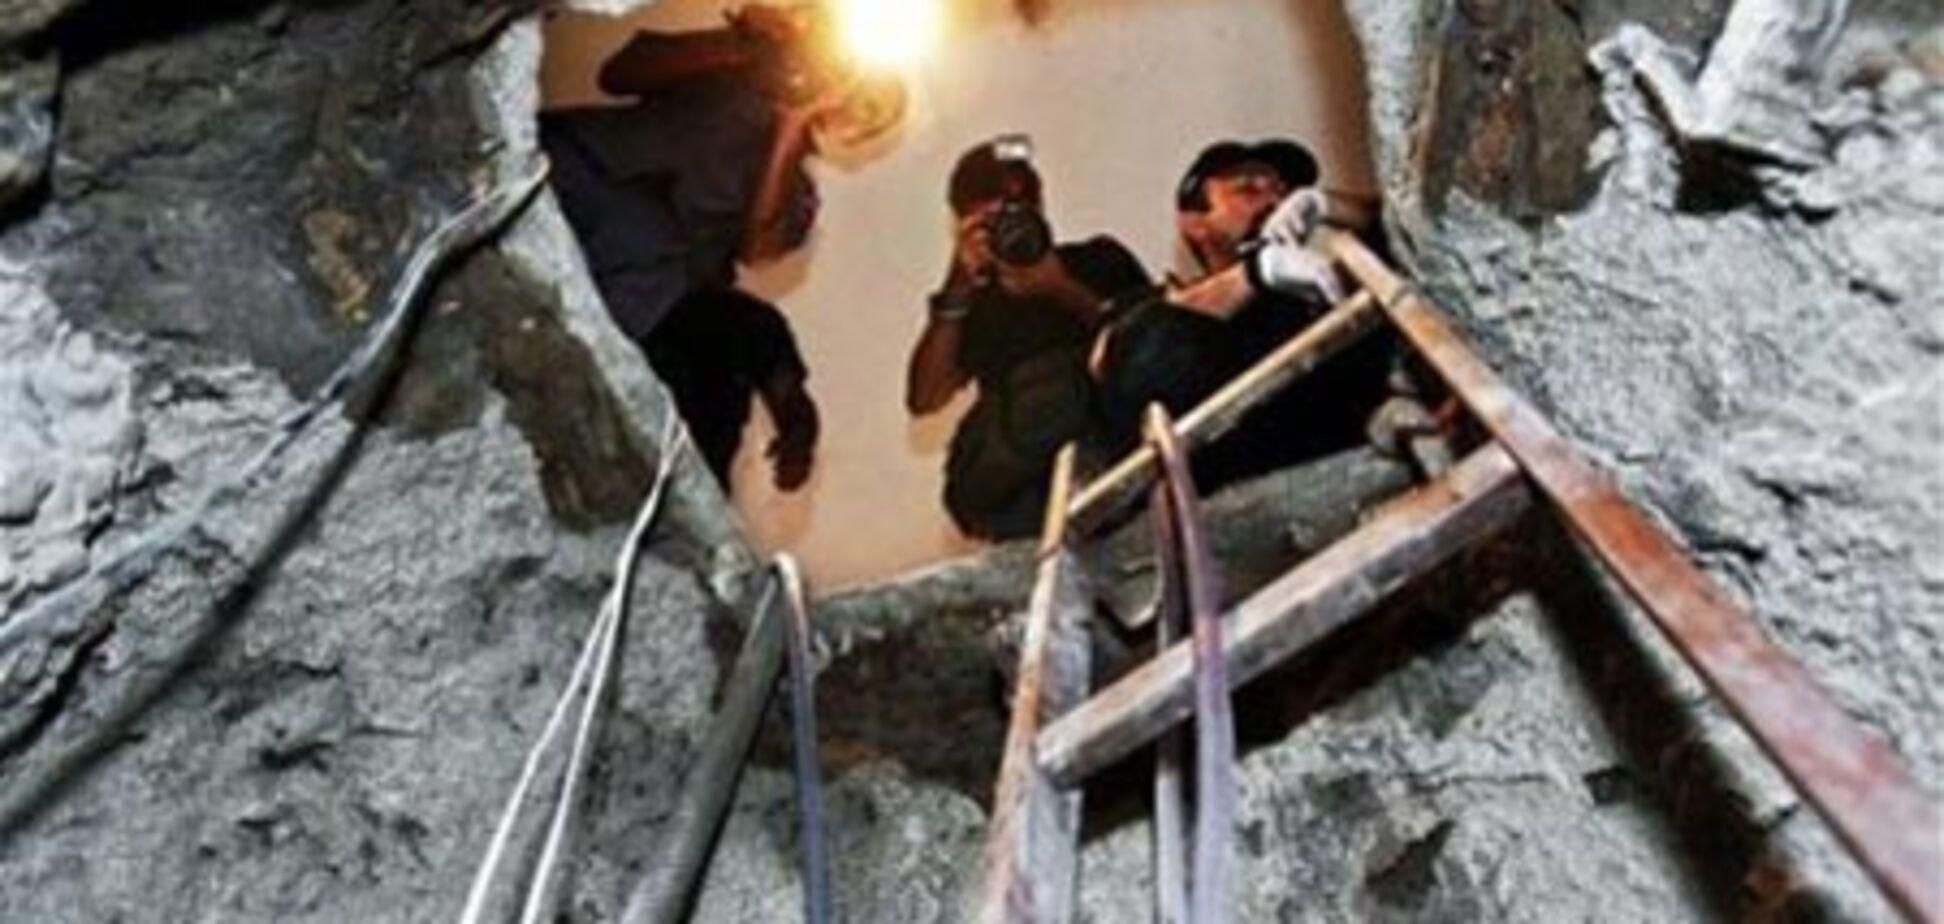 Преступники ограбили банк, прорыв 30-метровый тоннель